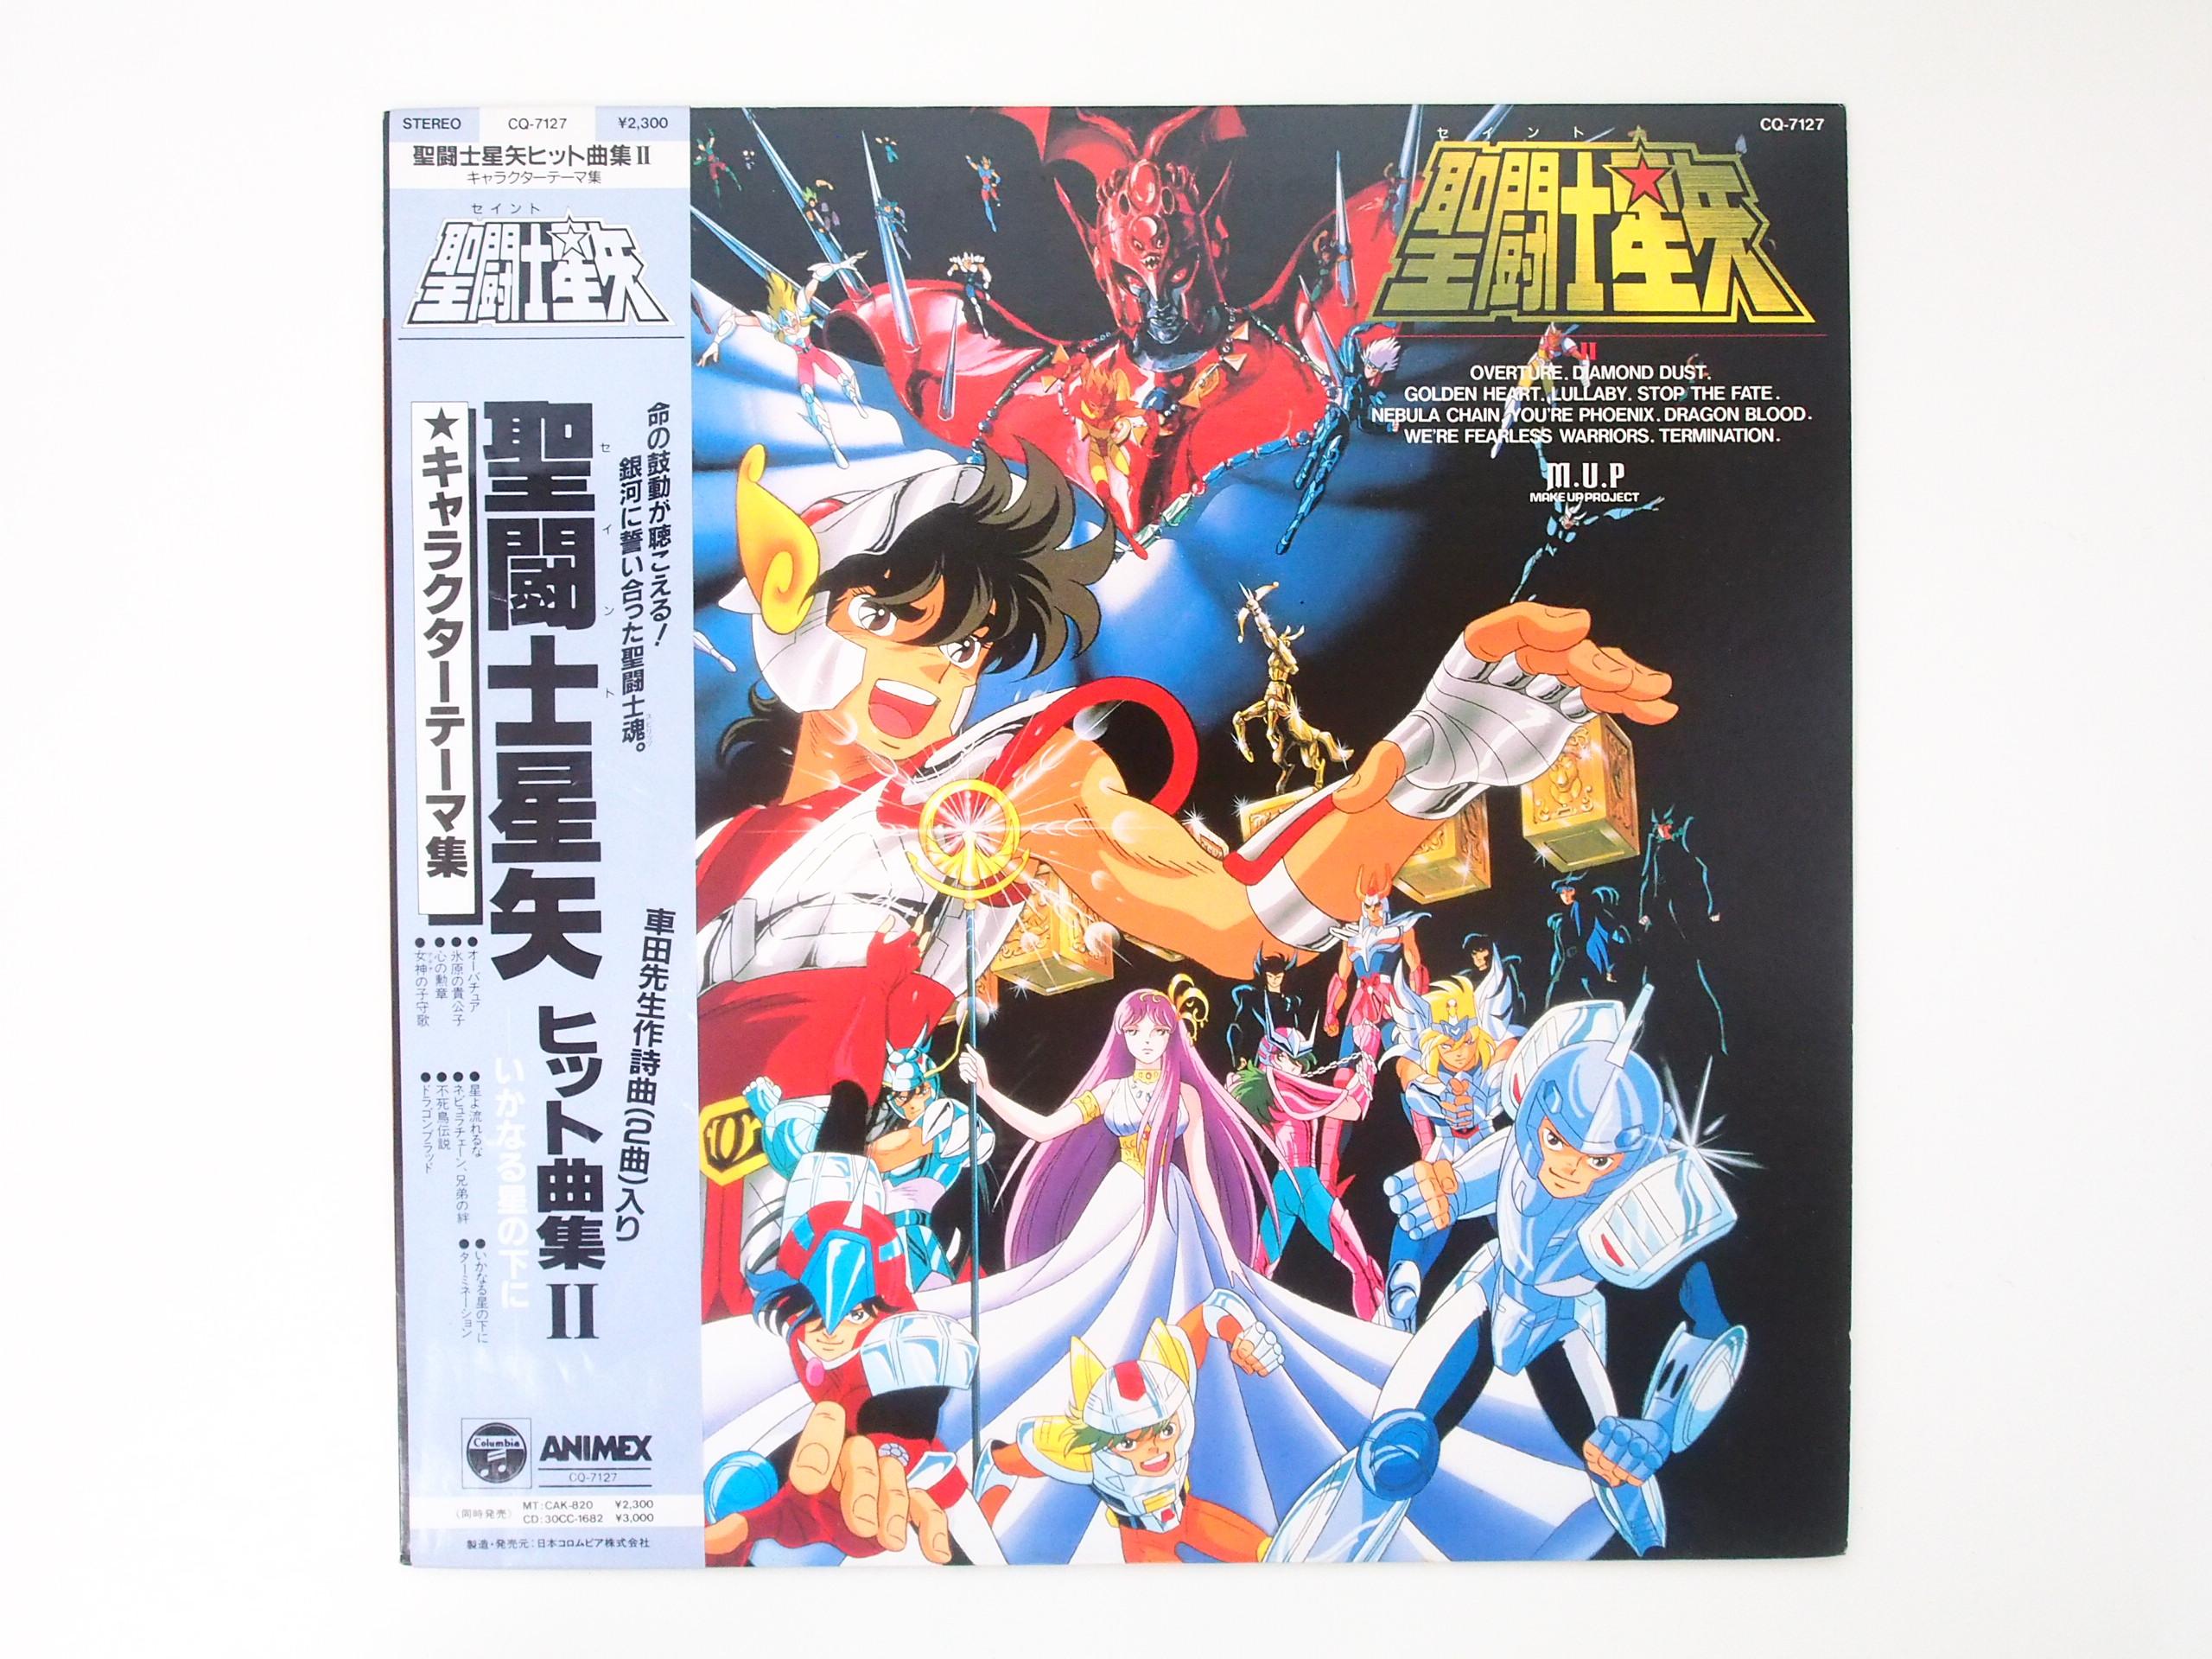 高価買取したレコード聖闘士星矢 ヒット曲集 II 帯付の表紙